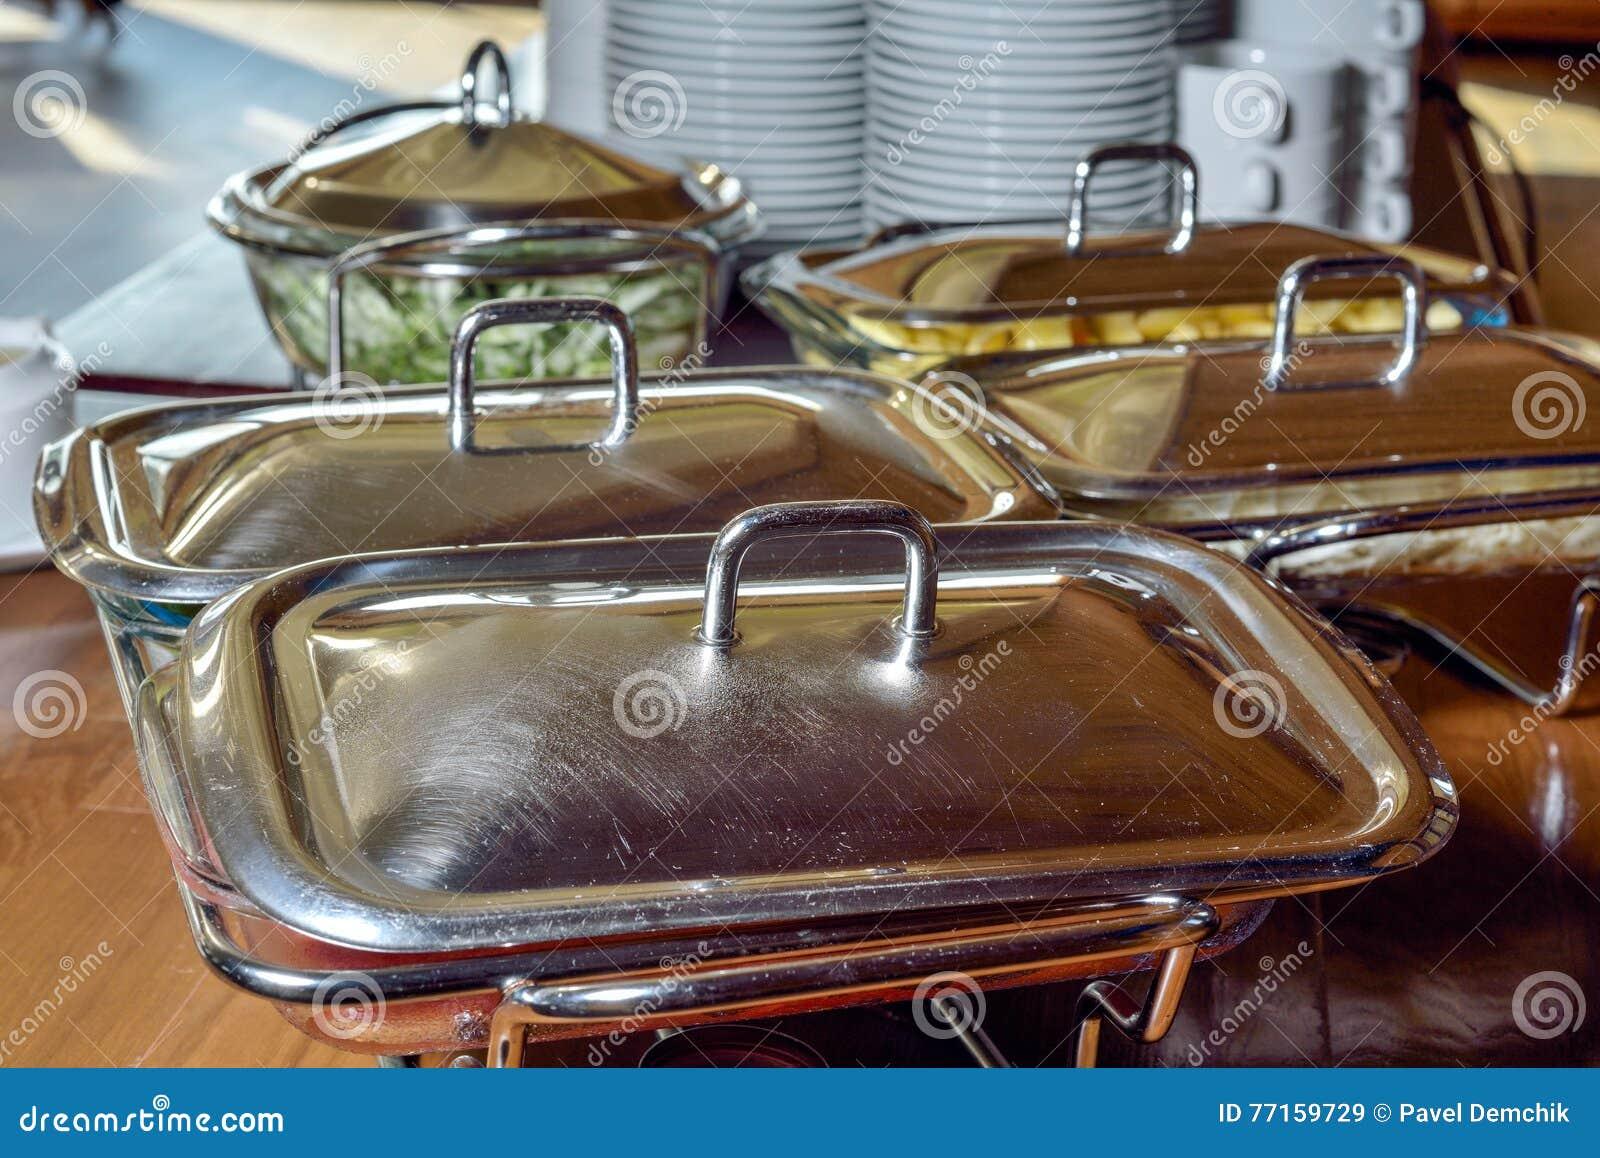 Plats en métal sur une table dans le restaurant